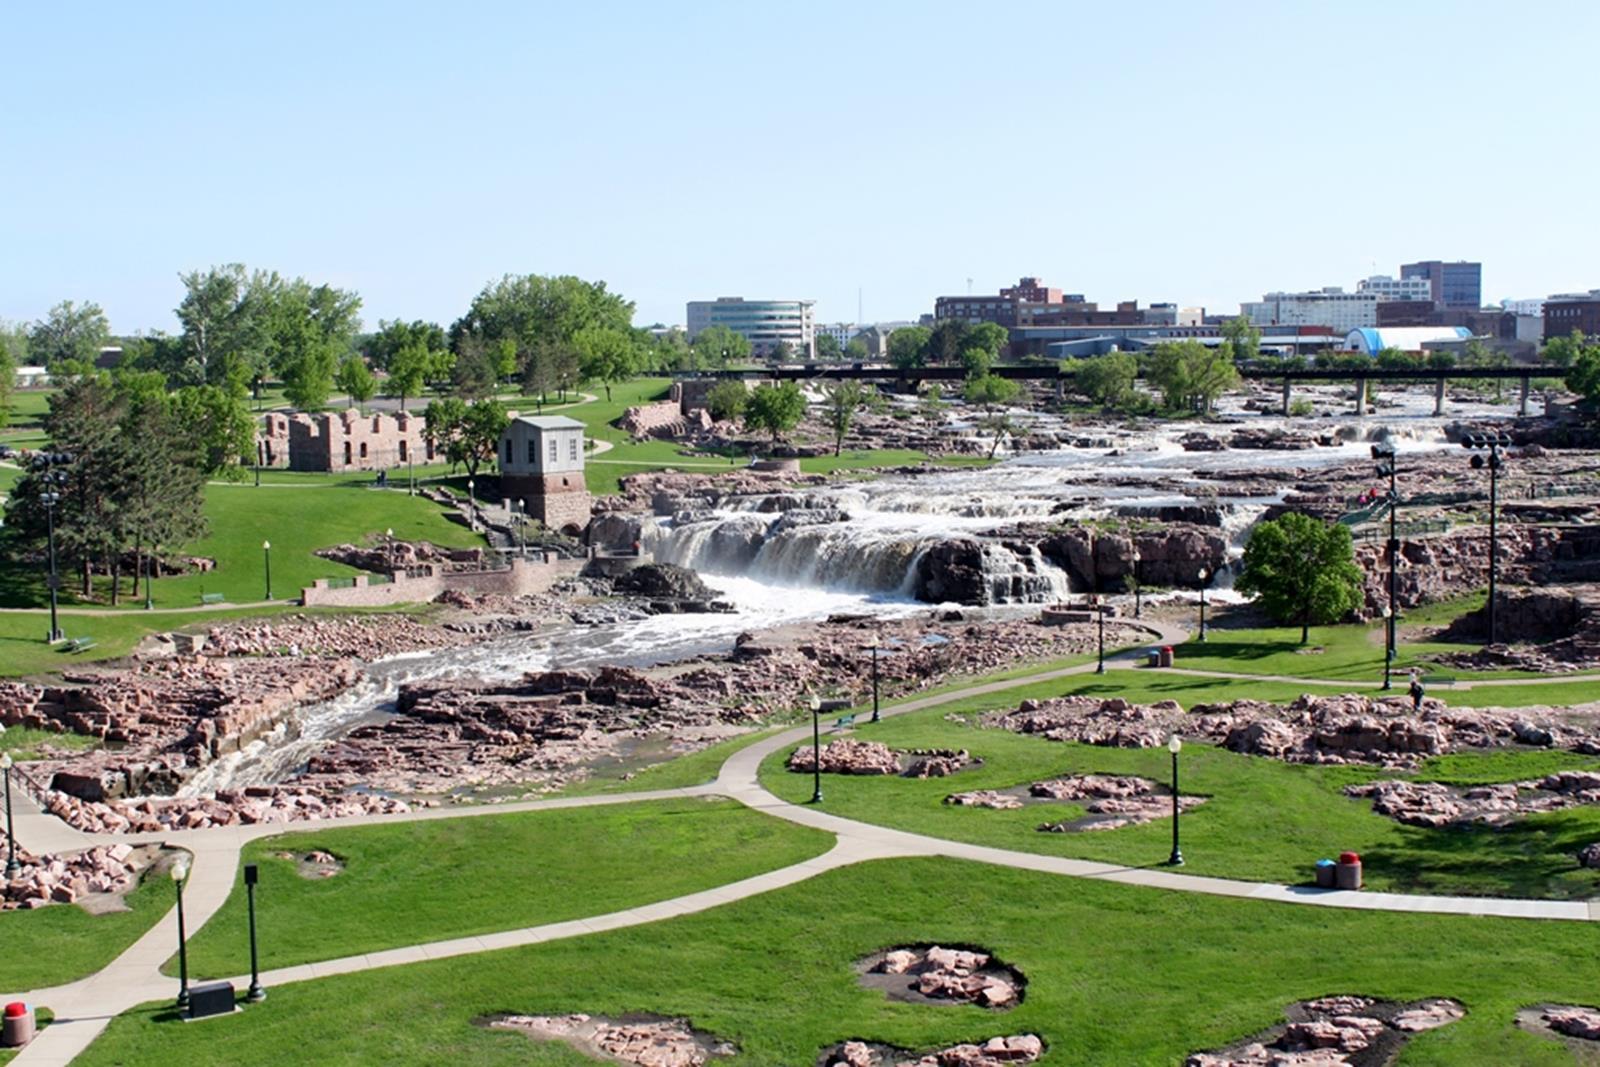 Falls National Park. Credit: Sioux Falls Convention & Visitors Bureau